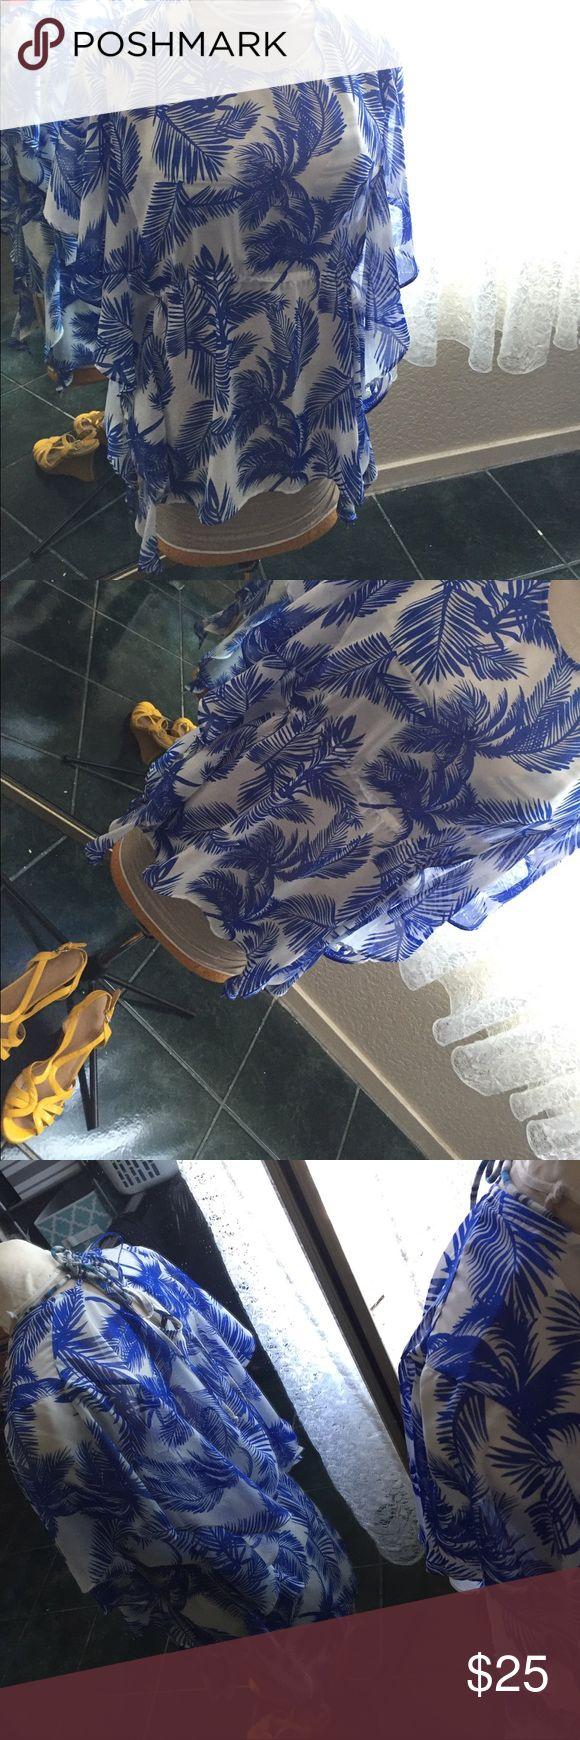 Sofia Vergara swim cover up in royal blue & white Never worn swimsuit cover up in royal blue and white. Design is palm trees. No damage. No smell. Sofía Vergara Swim Coverups